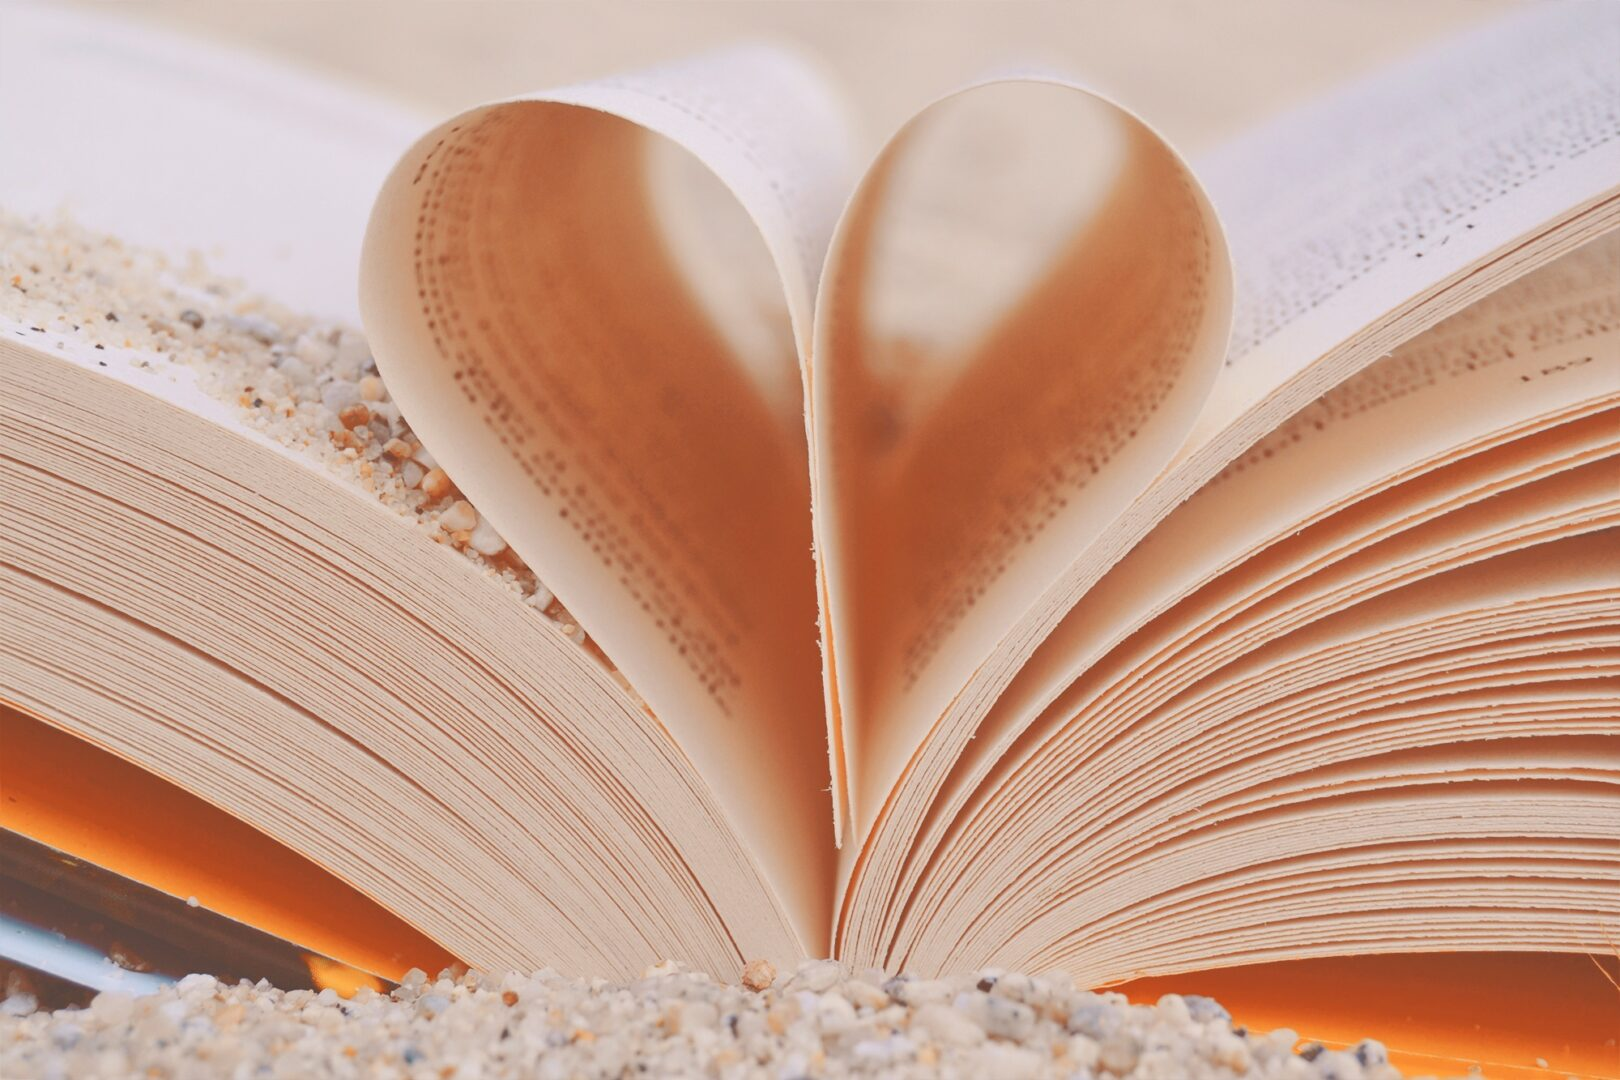 Μαθήματα αληθινής αγάπης από την Αφροδίτη στους Ιχθείς